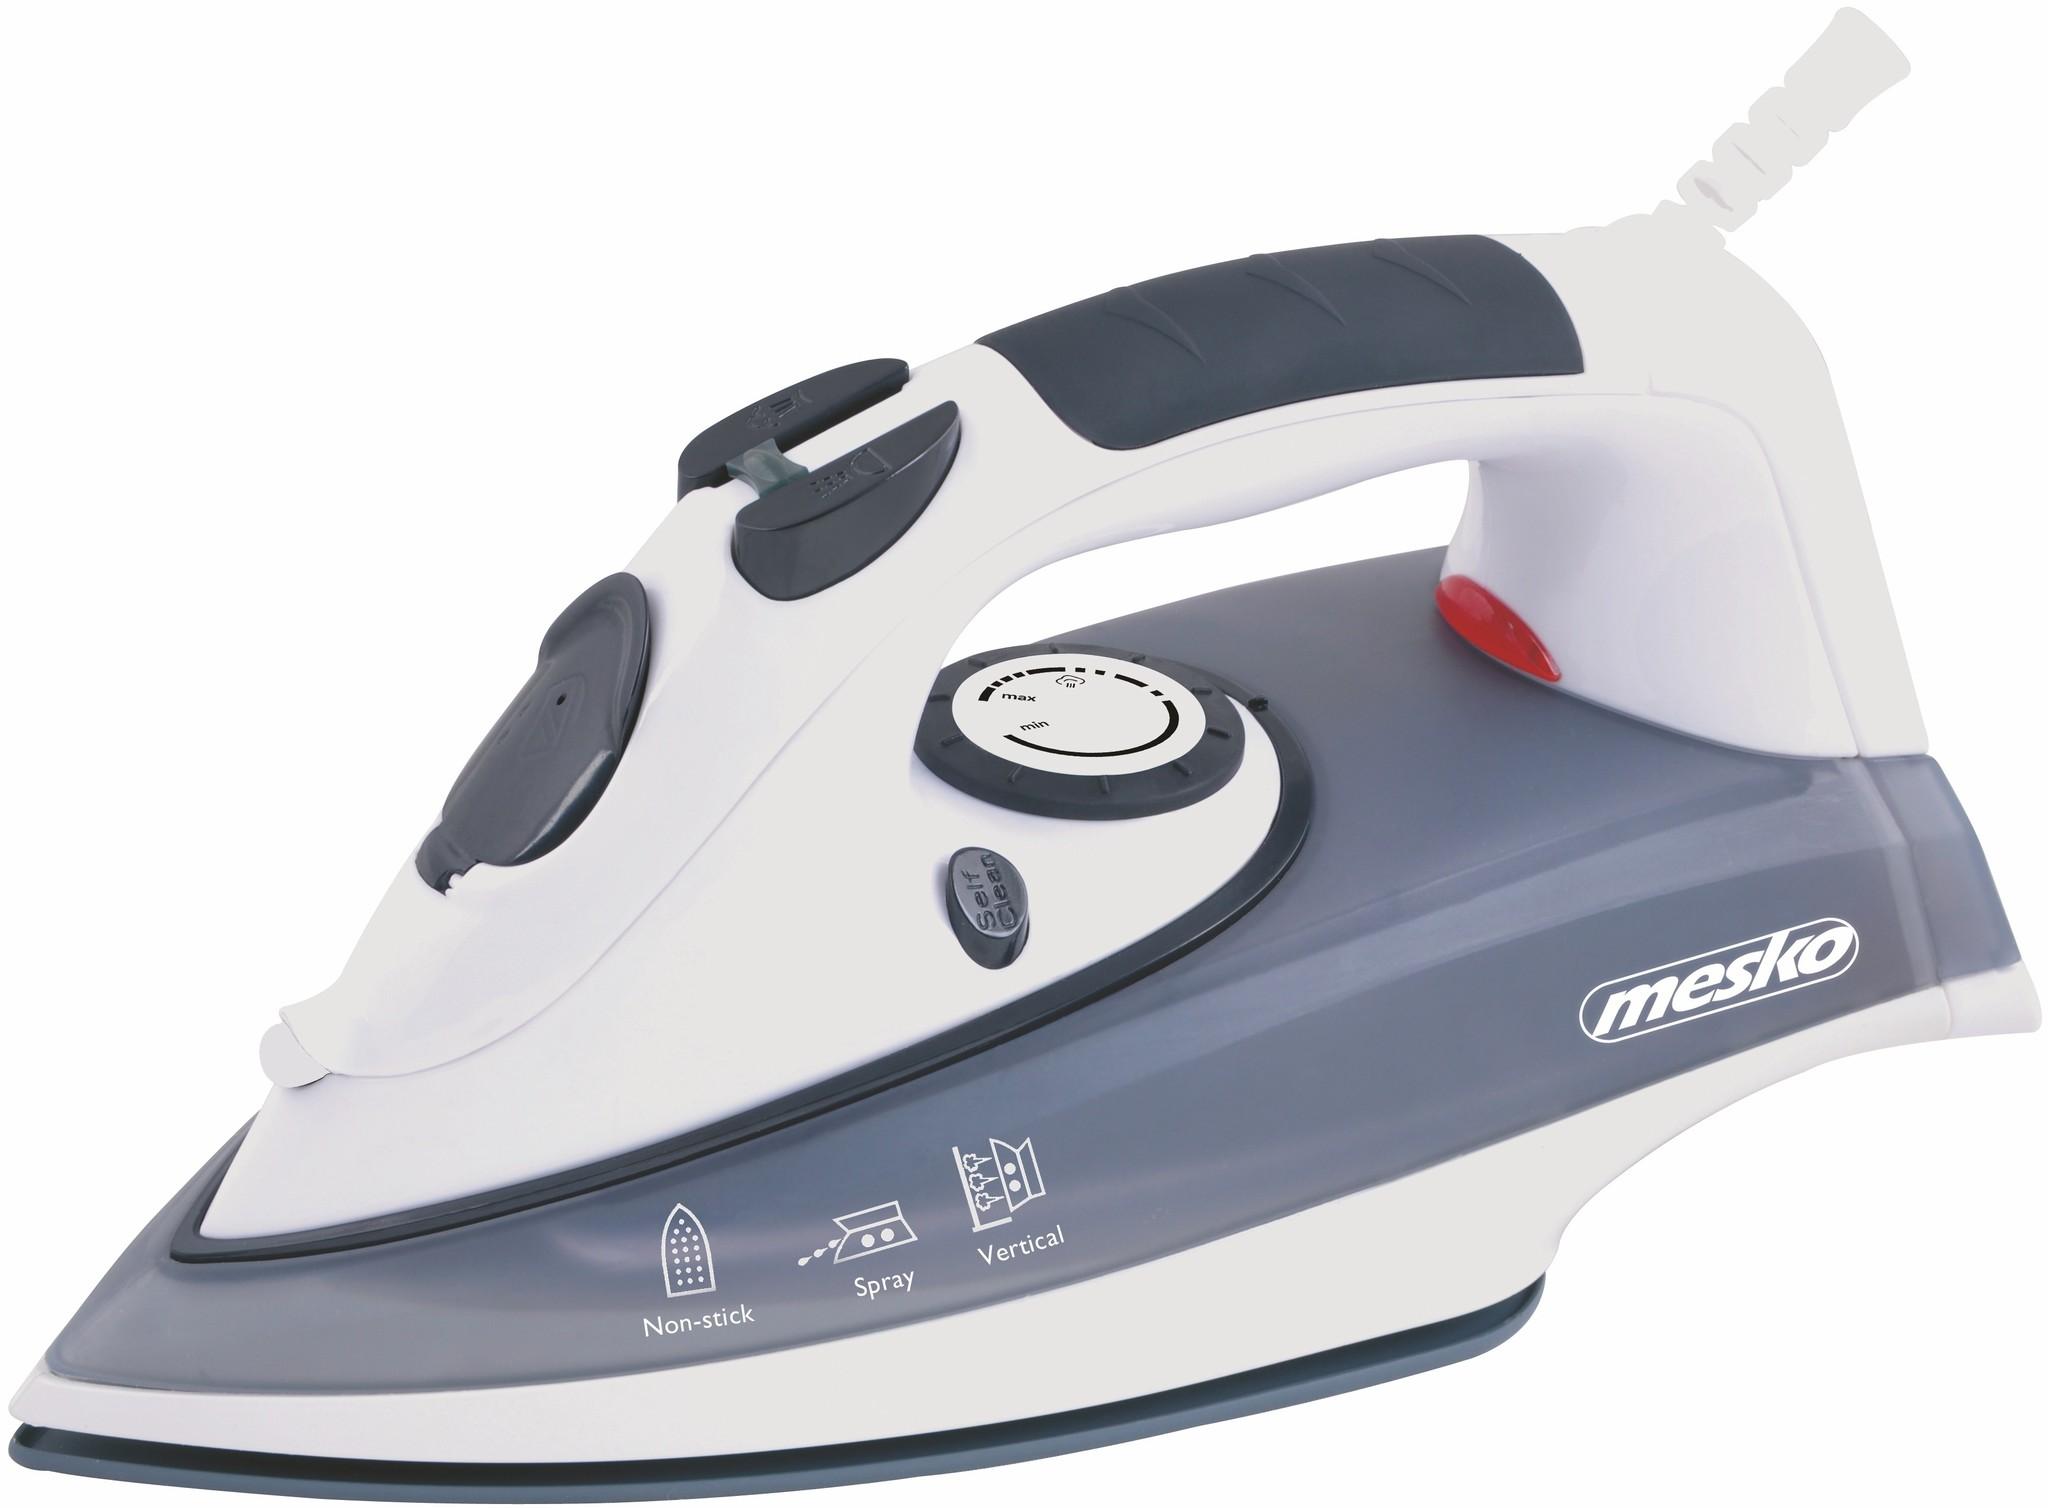 Mesko Mesko MS 5016 stoomstrijkijzer 2000 Watt